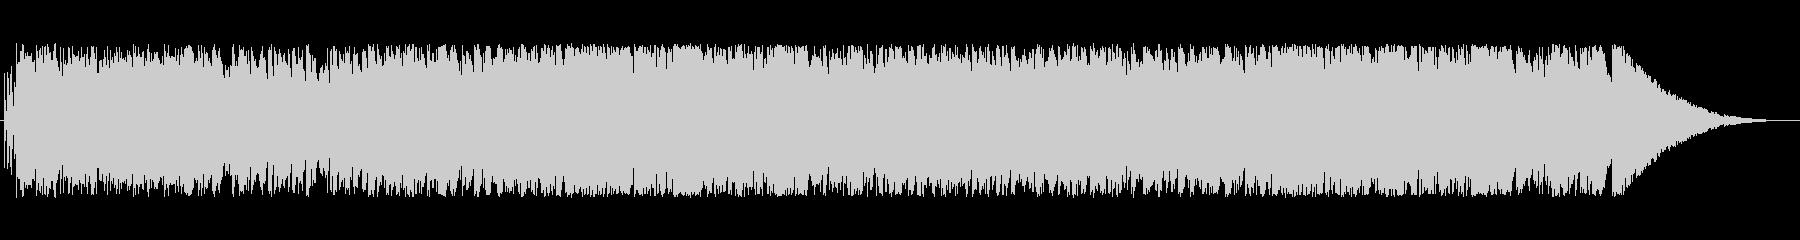 ピアノロックの未再生の波形